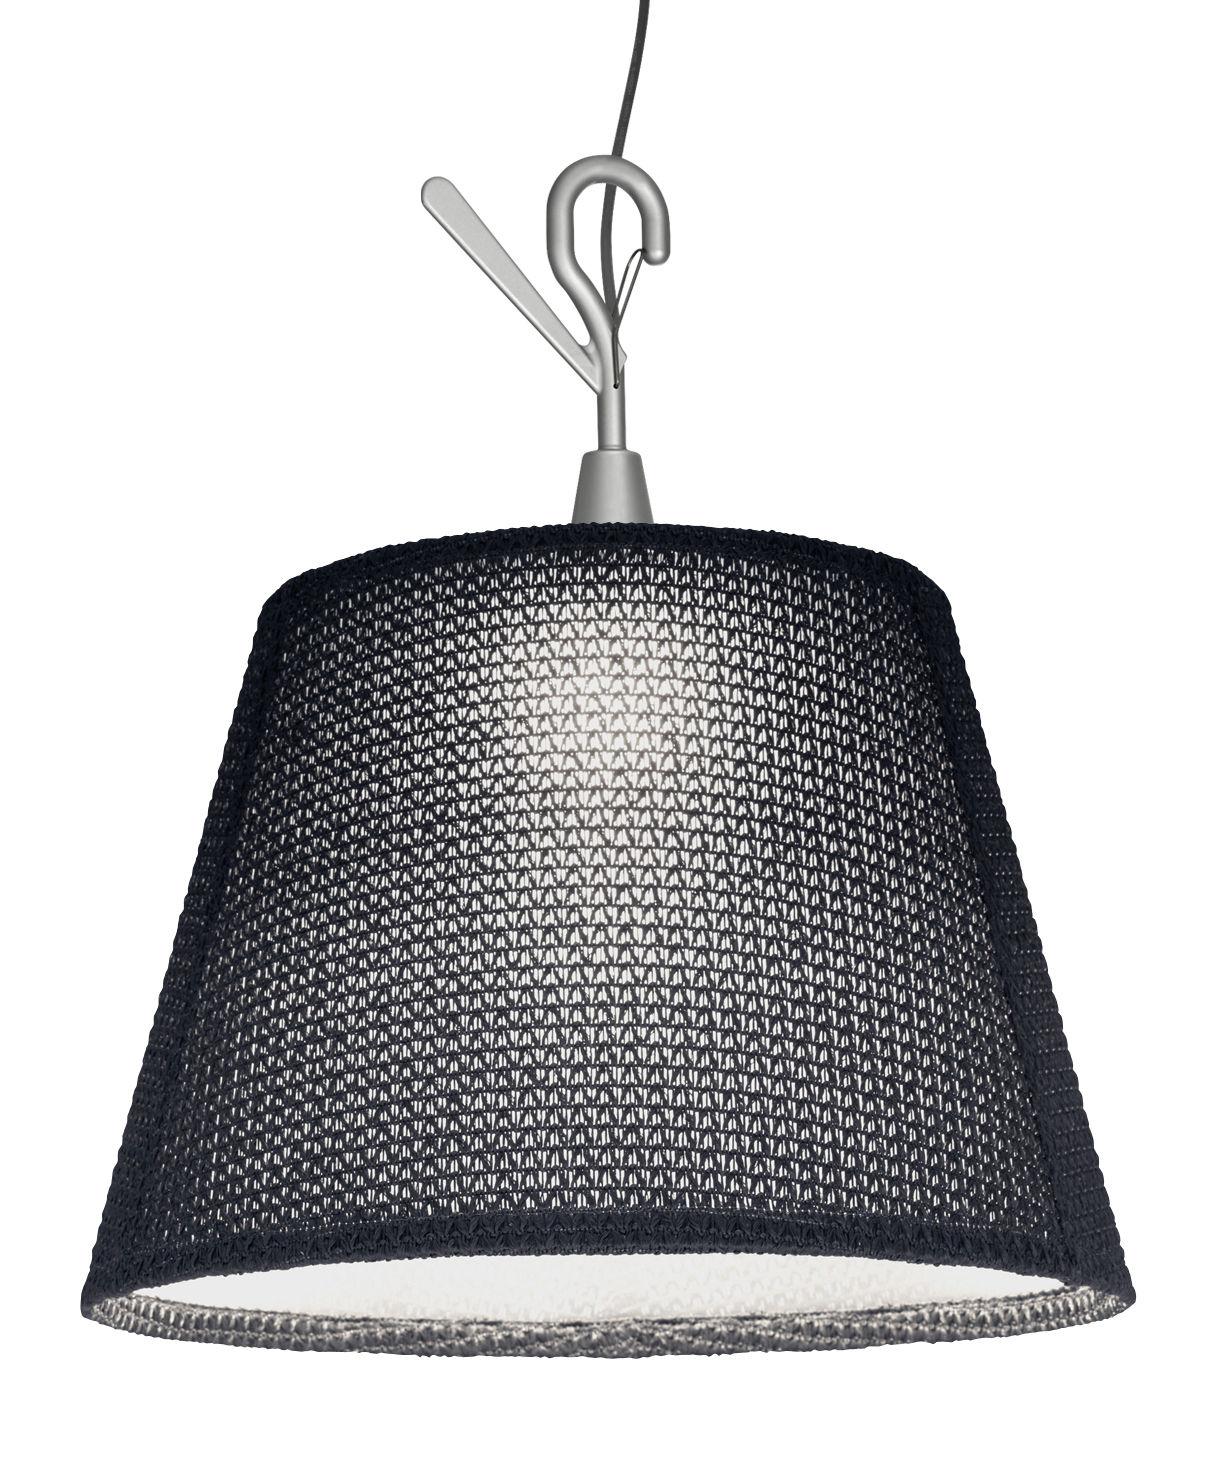 Illuminazione - Lampade da tavolo - Lampada Tolomeo Paralume Outdoor / Portatile da appendere - LED - Artemide - Grigio - Alluminio, Tessuto Thuia